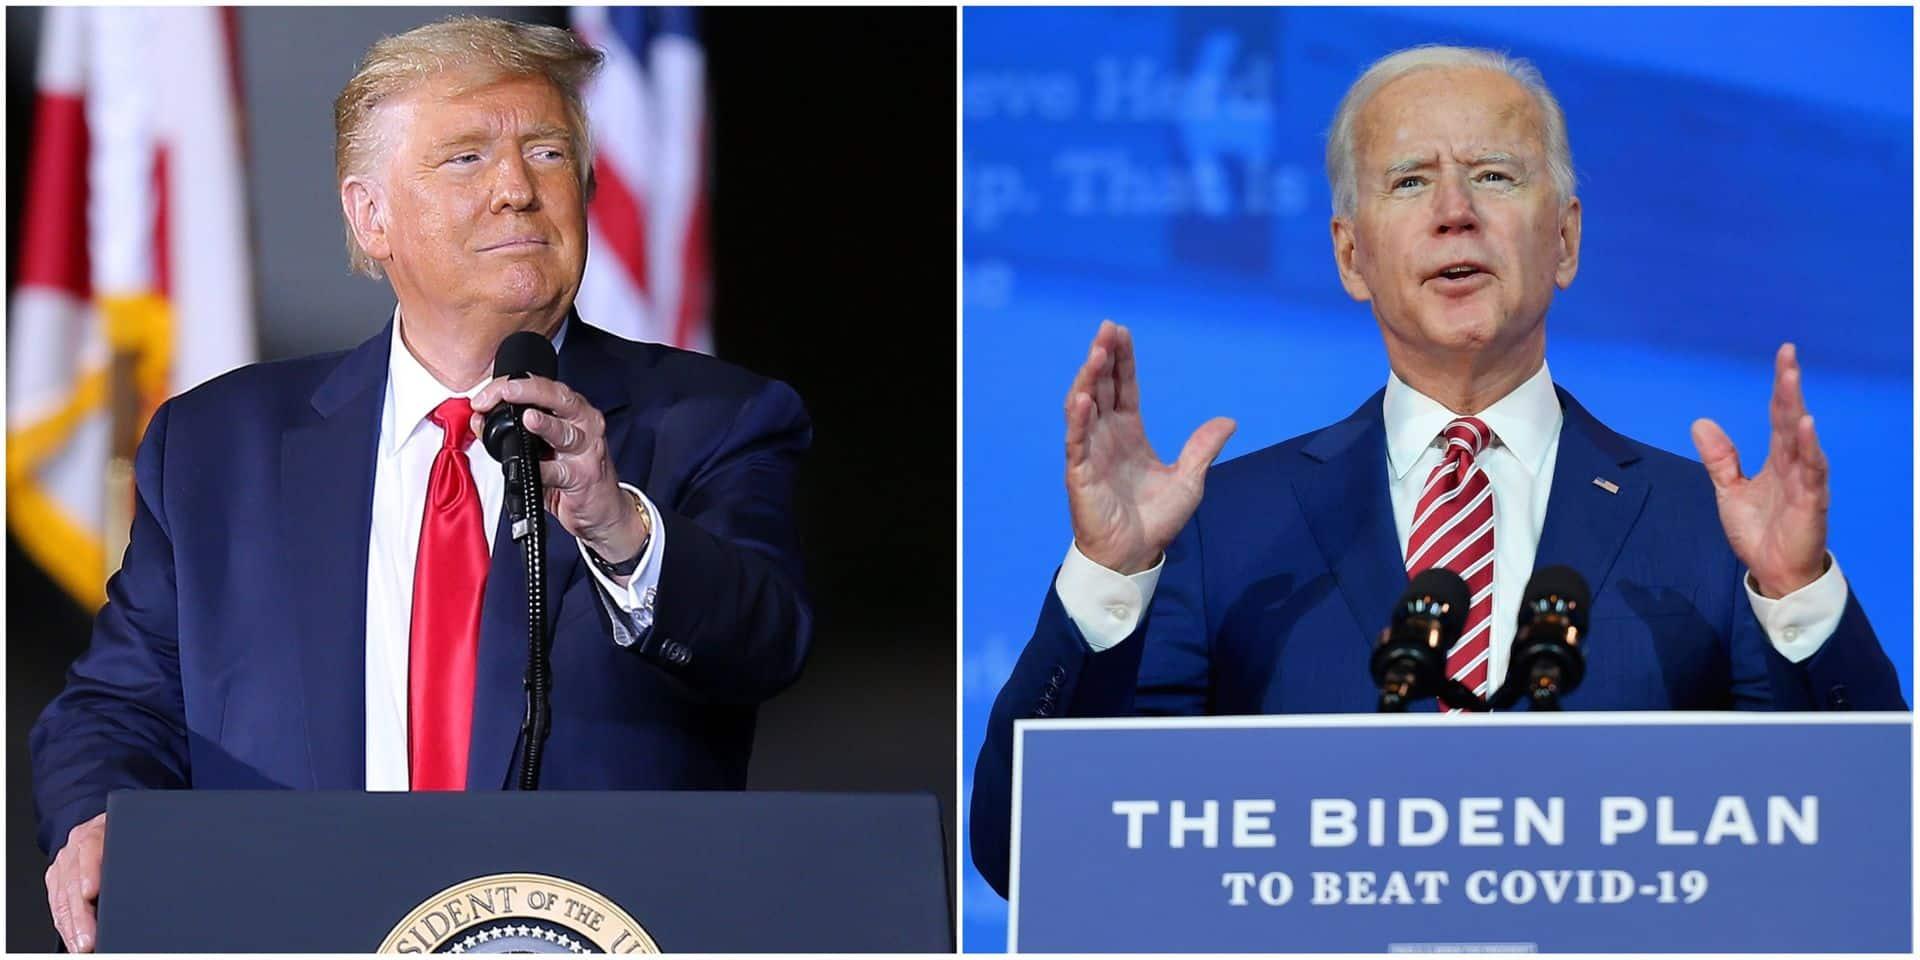 À J-10 de l'élection présidentielle aux États-Unis, nul ne se risque à en prédire l'issue